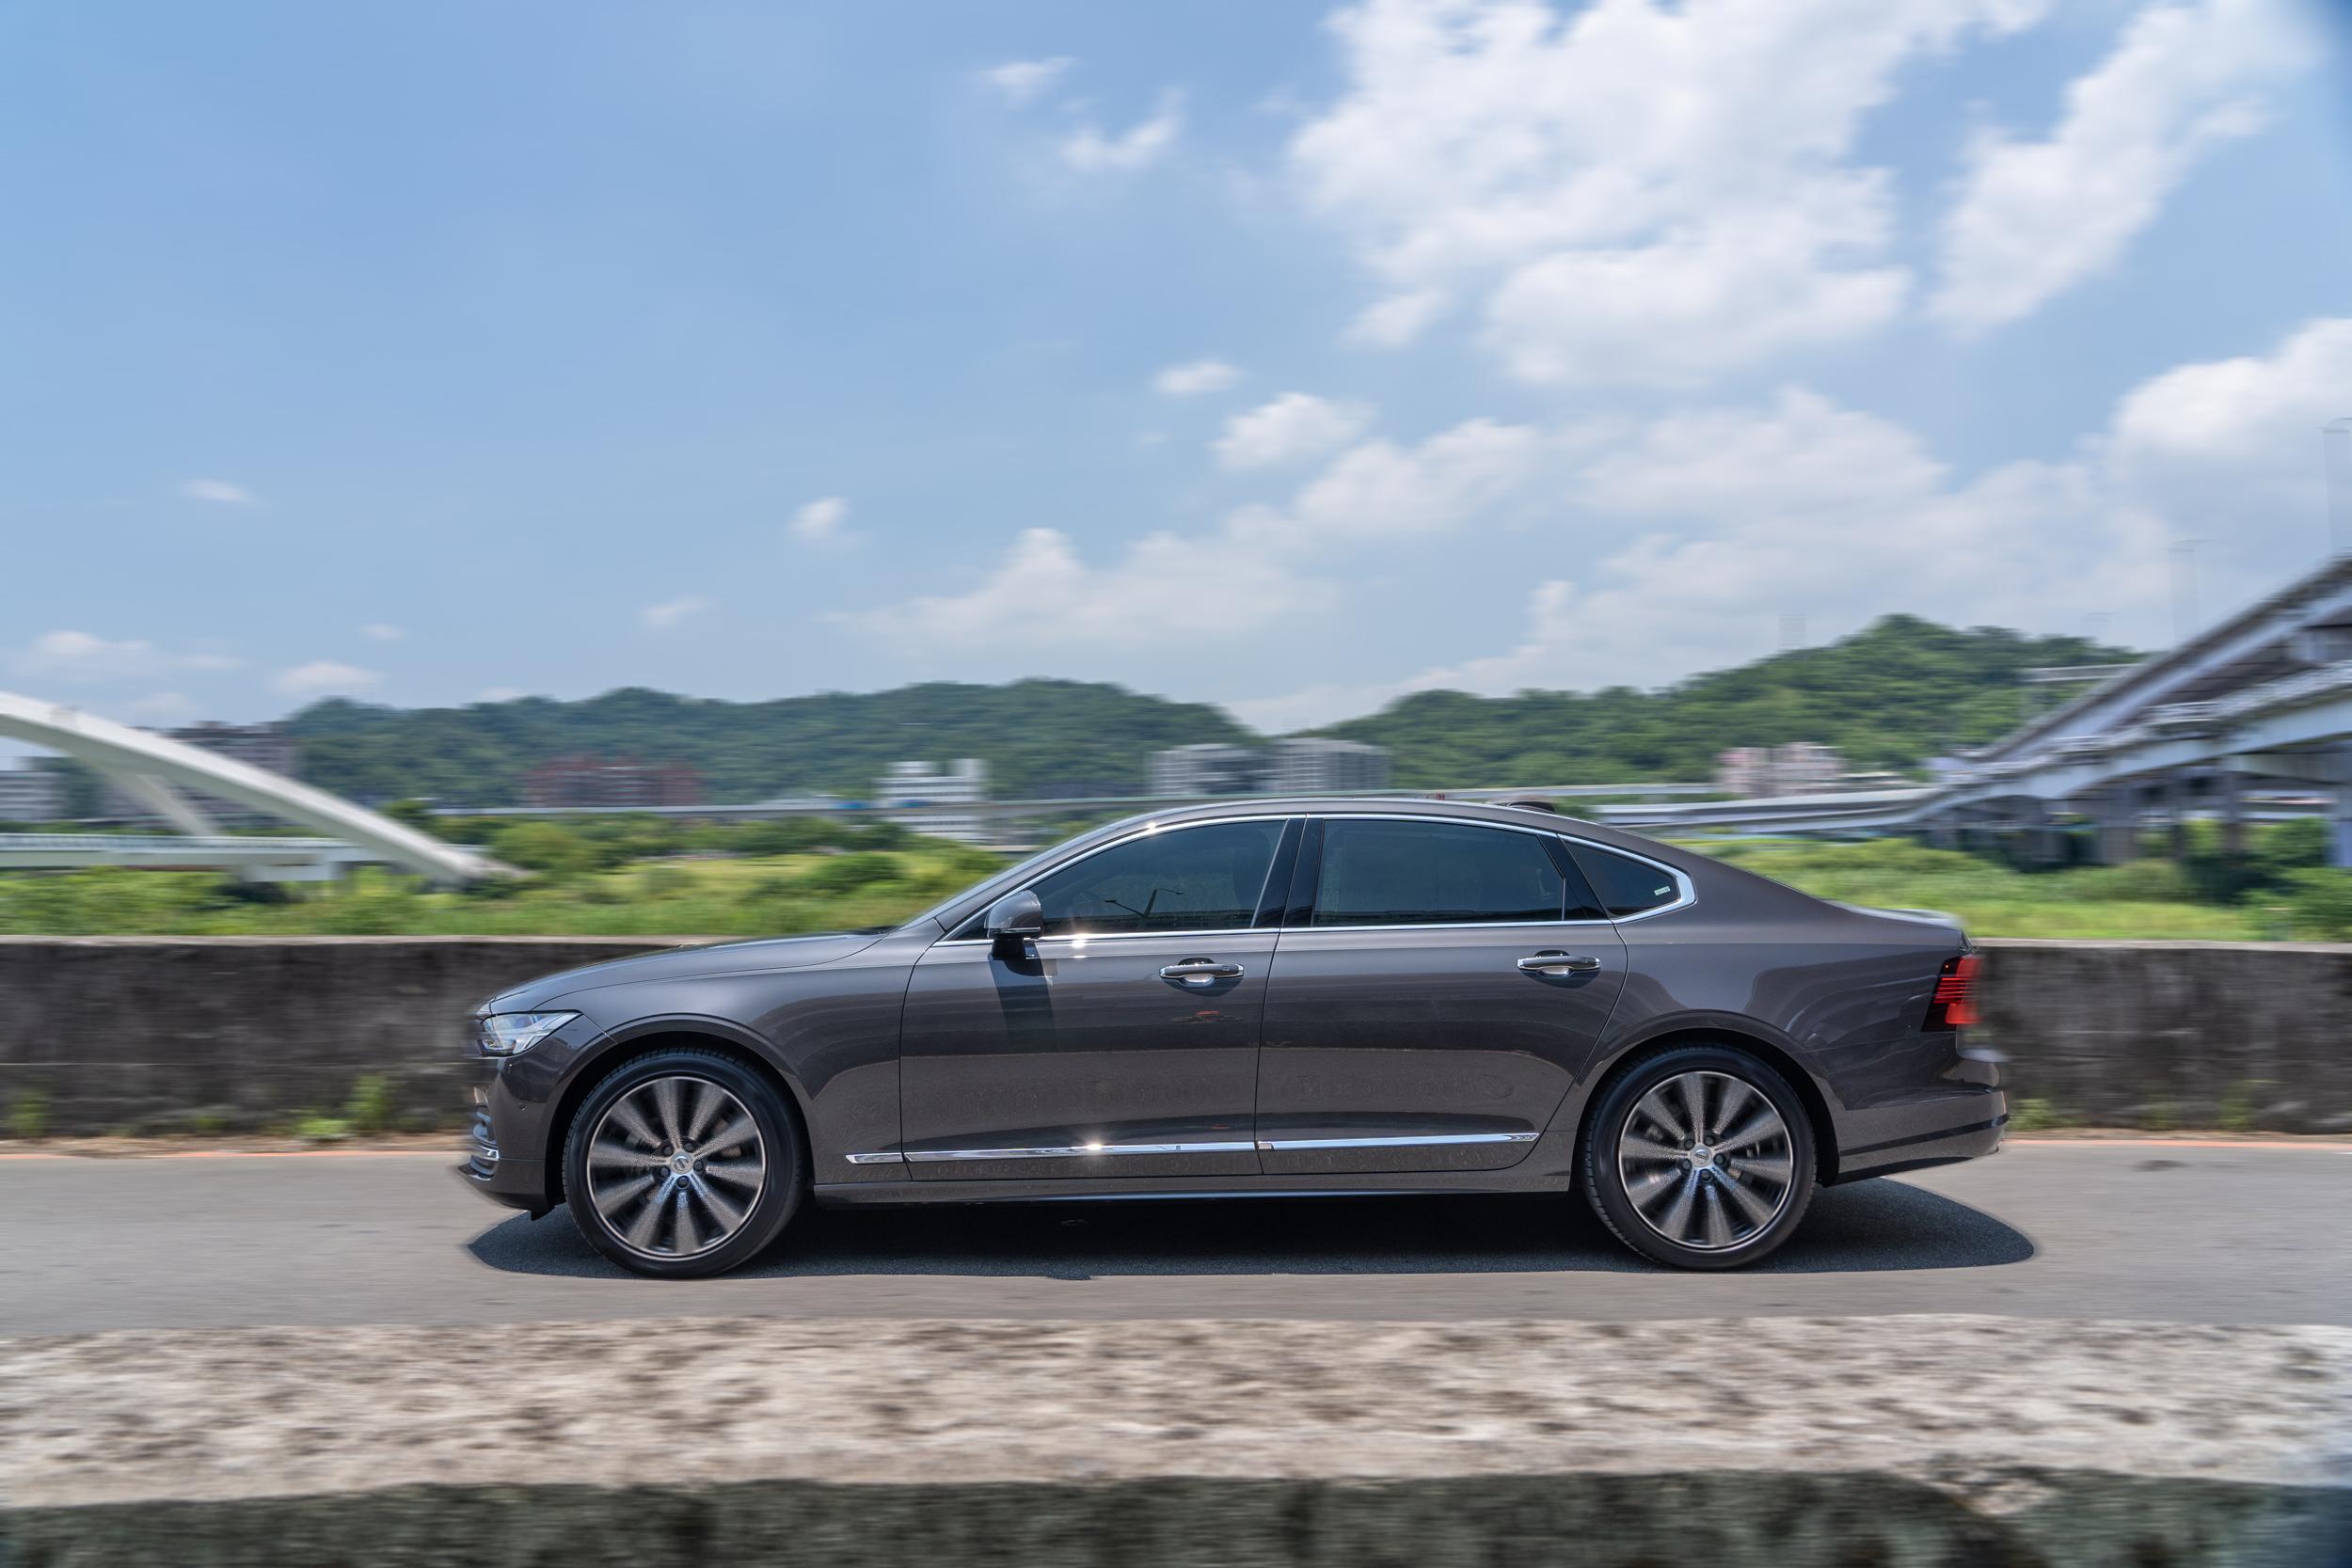 行車質感優異,可以有效過濾路面坑洞,隔音制震表現也有高水準演出。